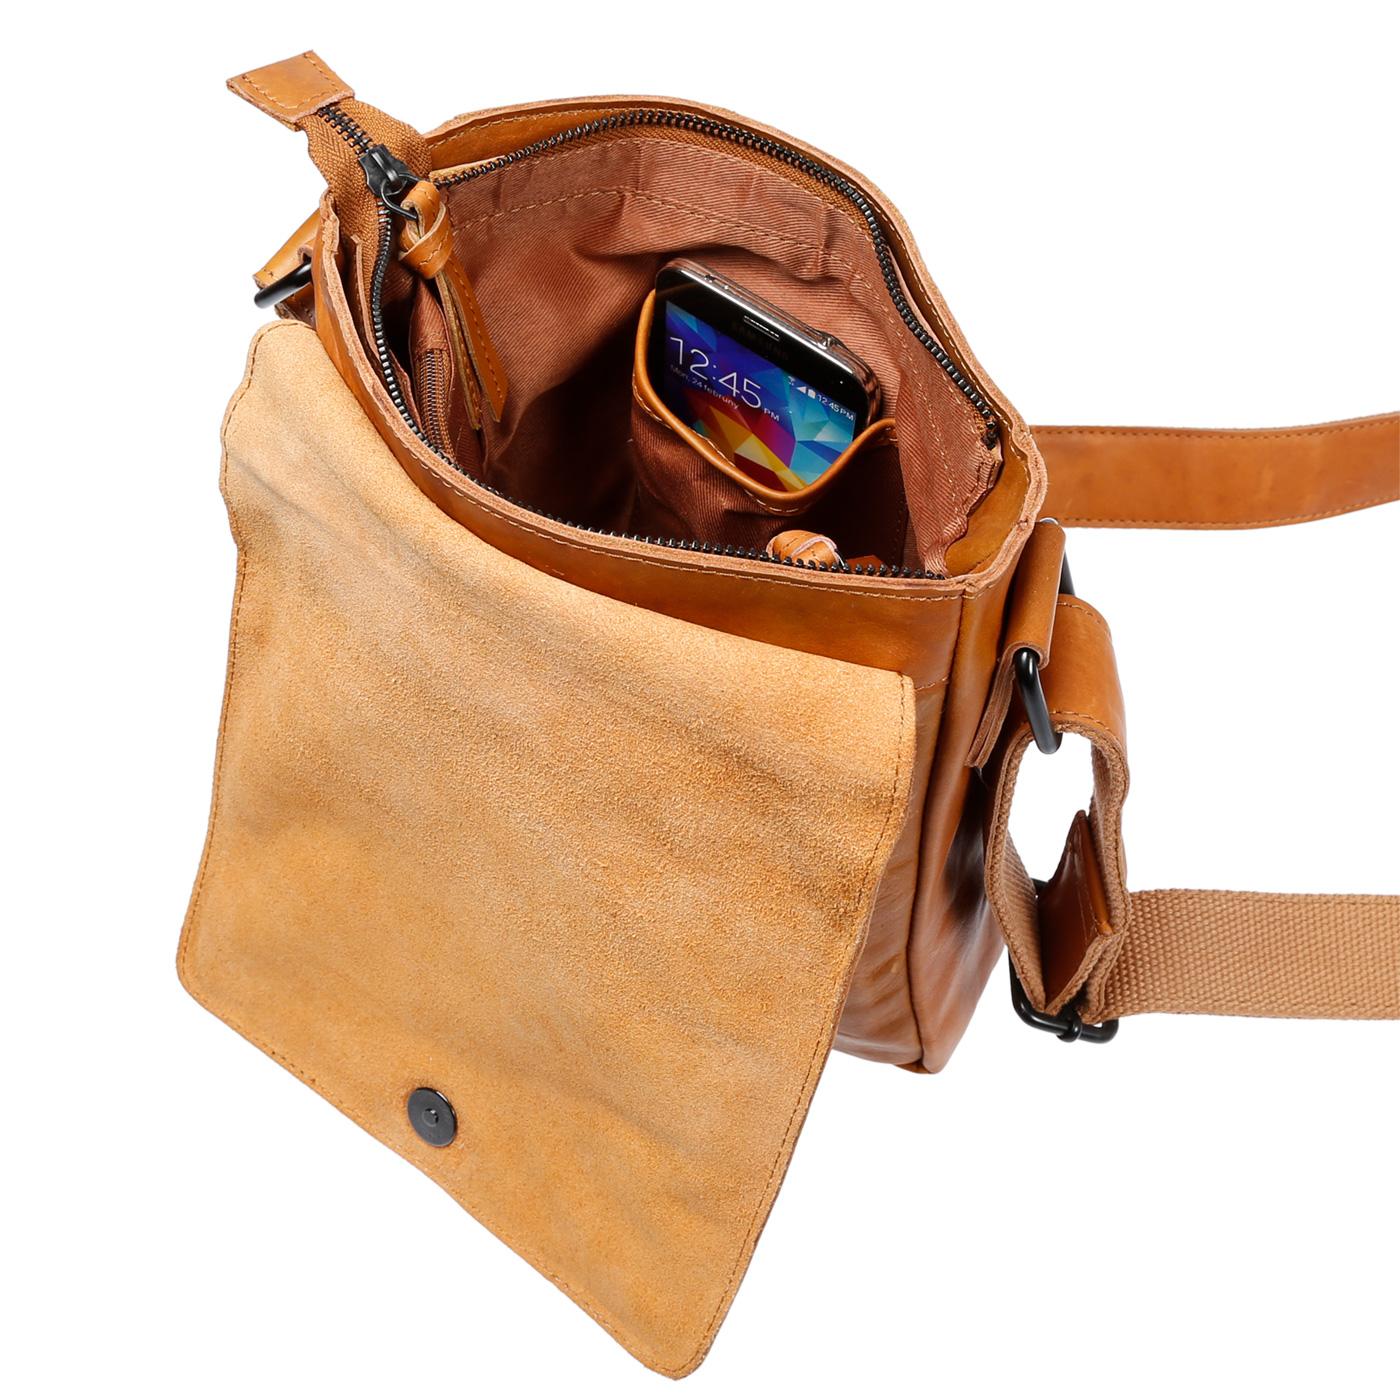 Echt-Leder-Herren-Damen-Umhaengetasche-Tasche-RFID-Schutz-Schultertasche-Umhaenger Indexbild 32